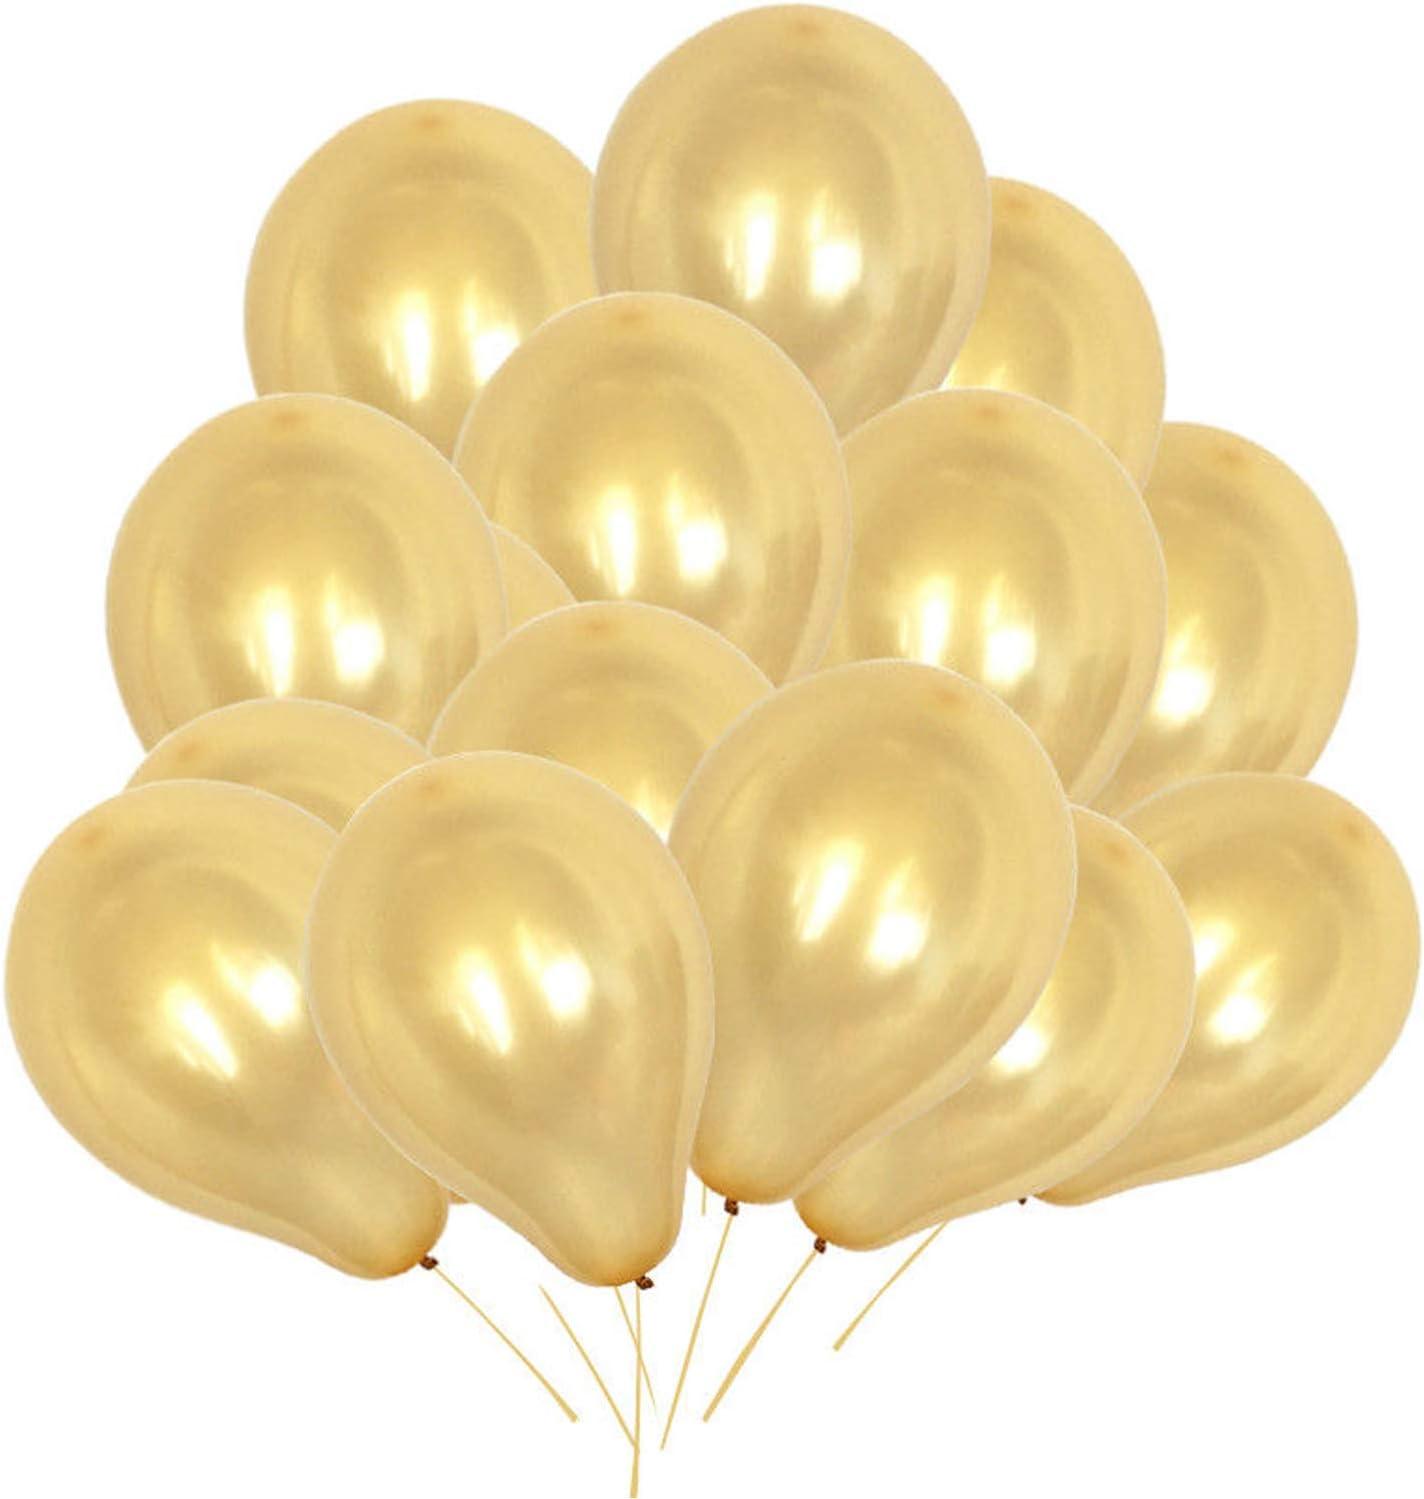 Apfelgr/ün 100 x 10 Latex Ballons Hochzeit Geburtstagsparty Lieferungen Dekoration von Wedding Decor